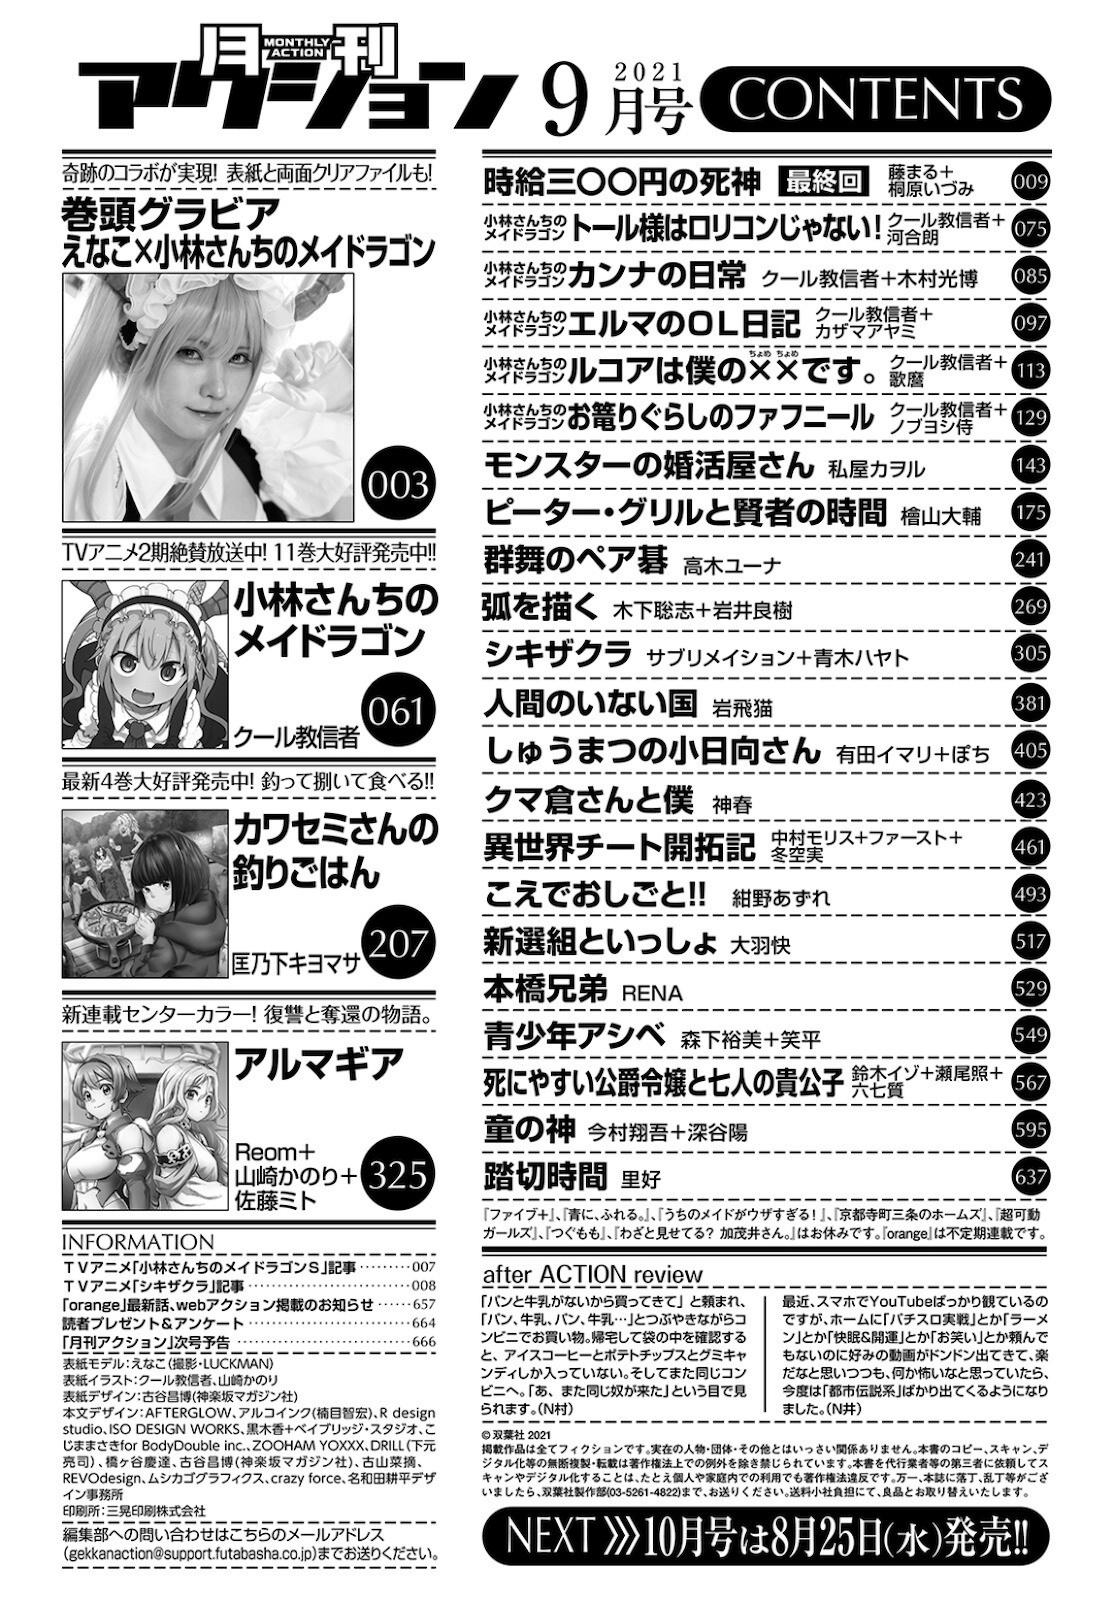 月刊ACTION enako 小林家的龙女仆 托尔_002